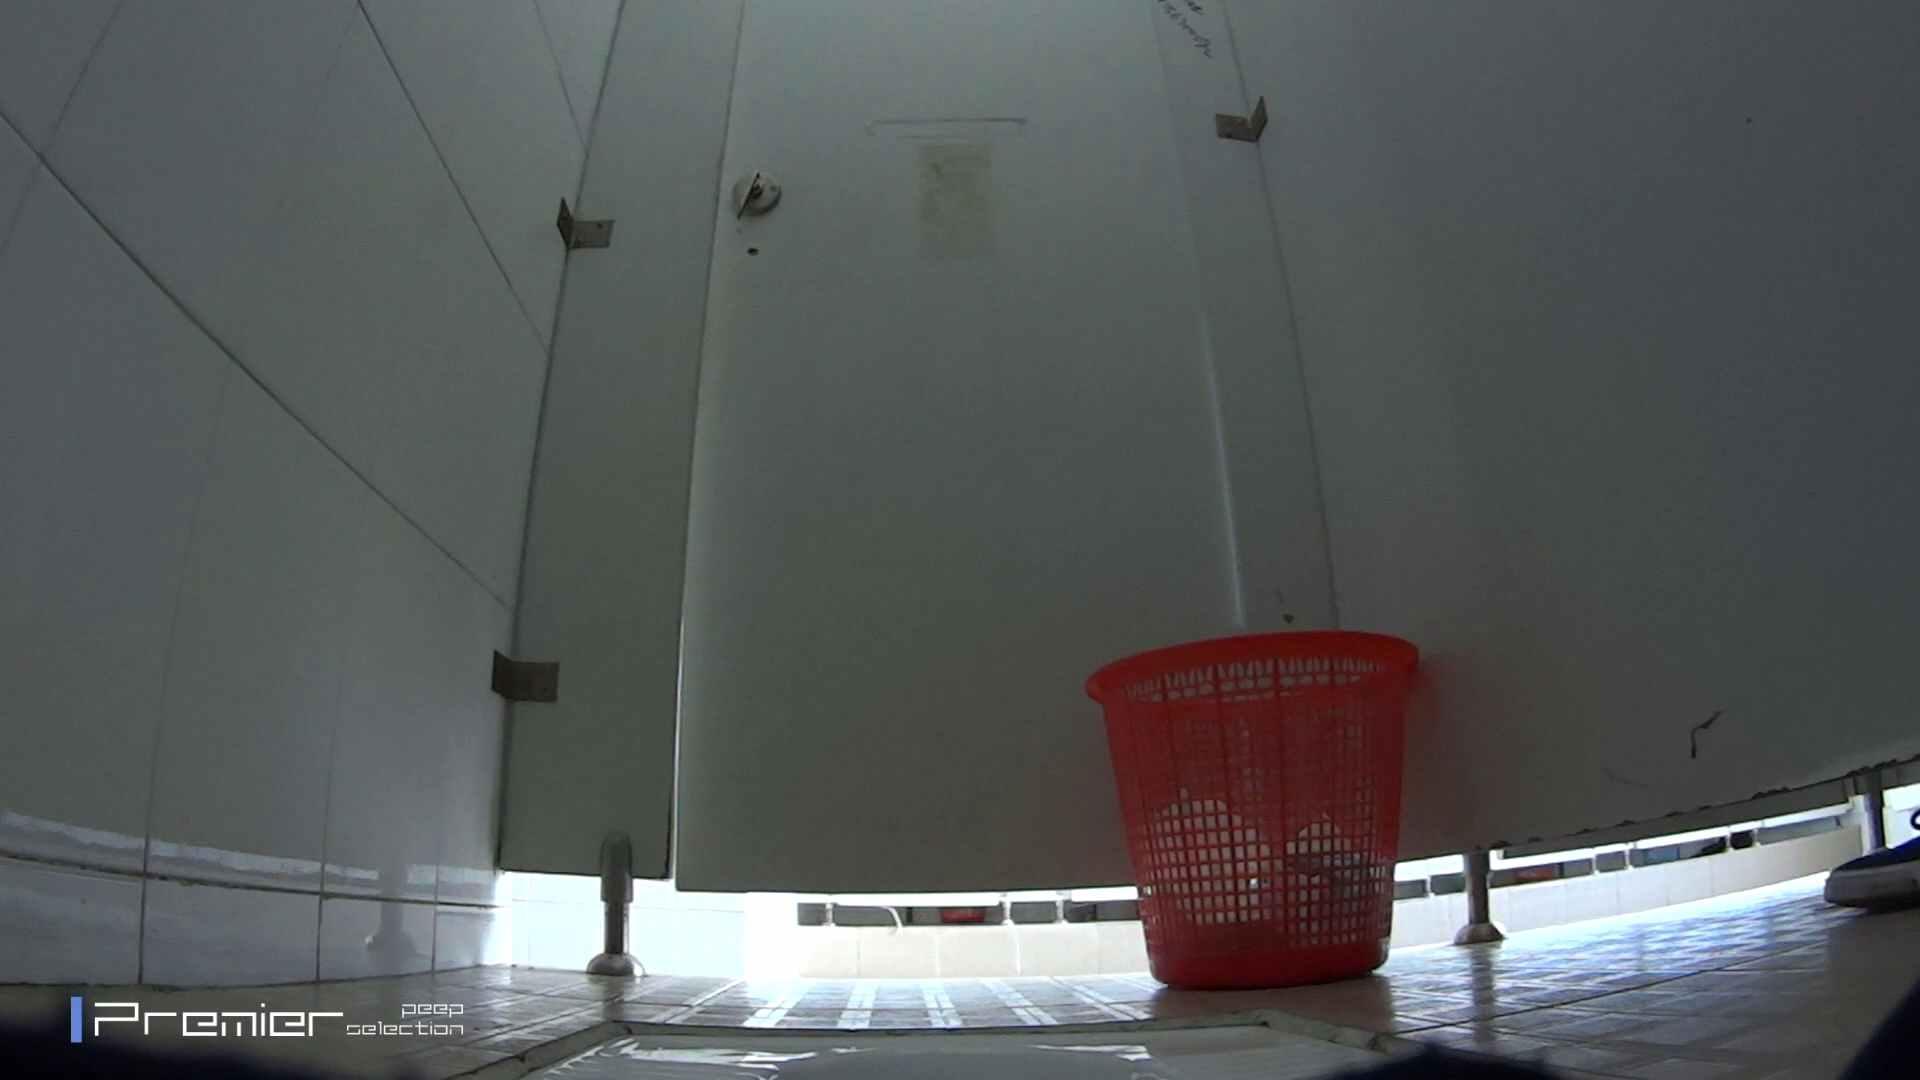 トイレ盗撮 アジアンビューティー達の聖水 大学休憩時間の洗面所事情24 怪盗ジョーカー